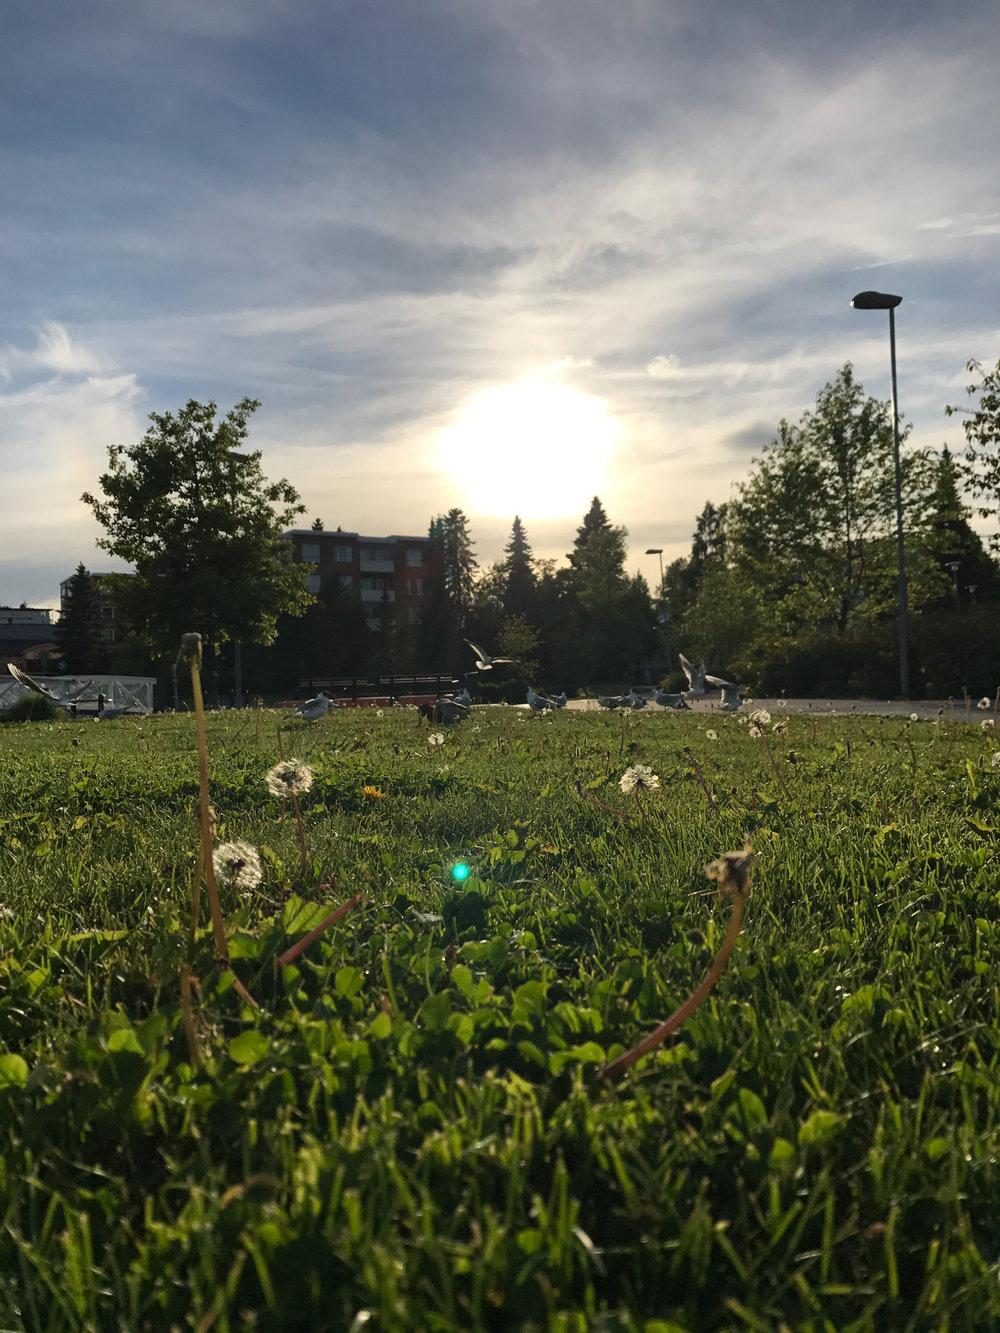 2017-06-26-evening-Vögel-75_LR edited_web.jpg